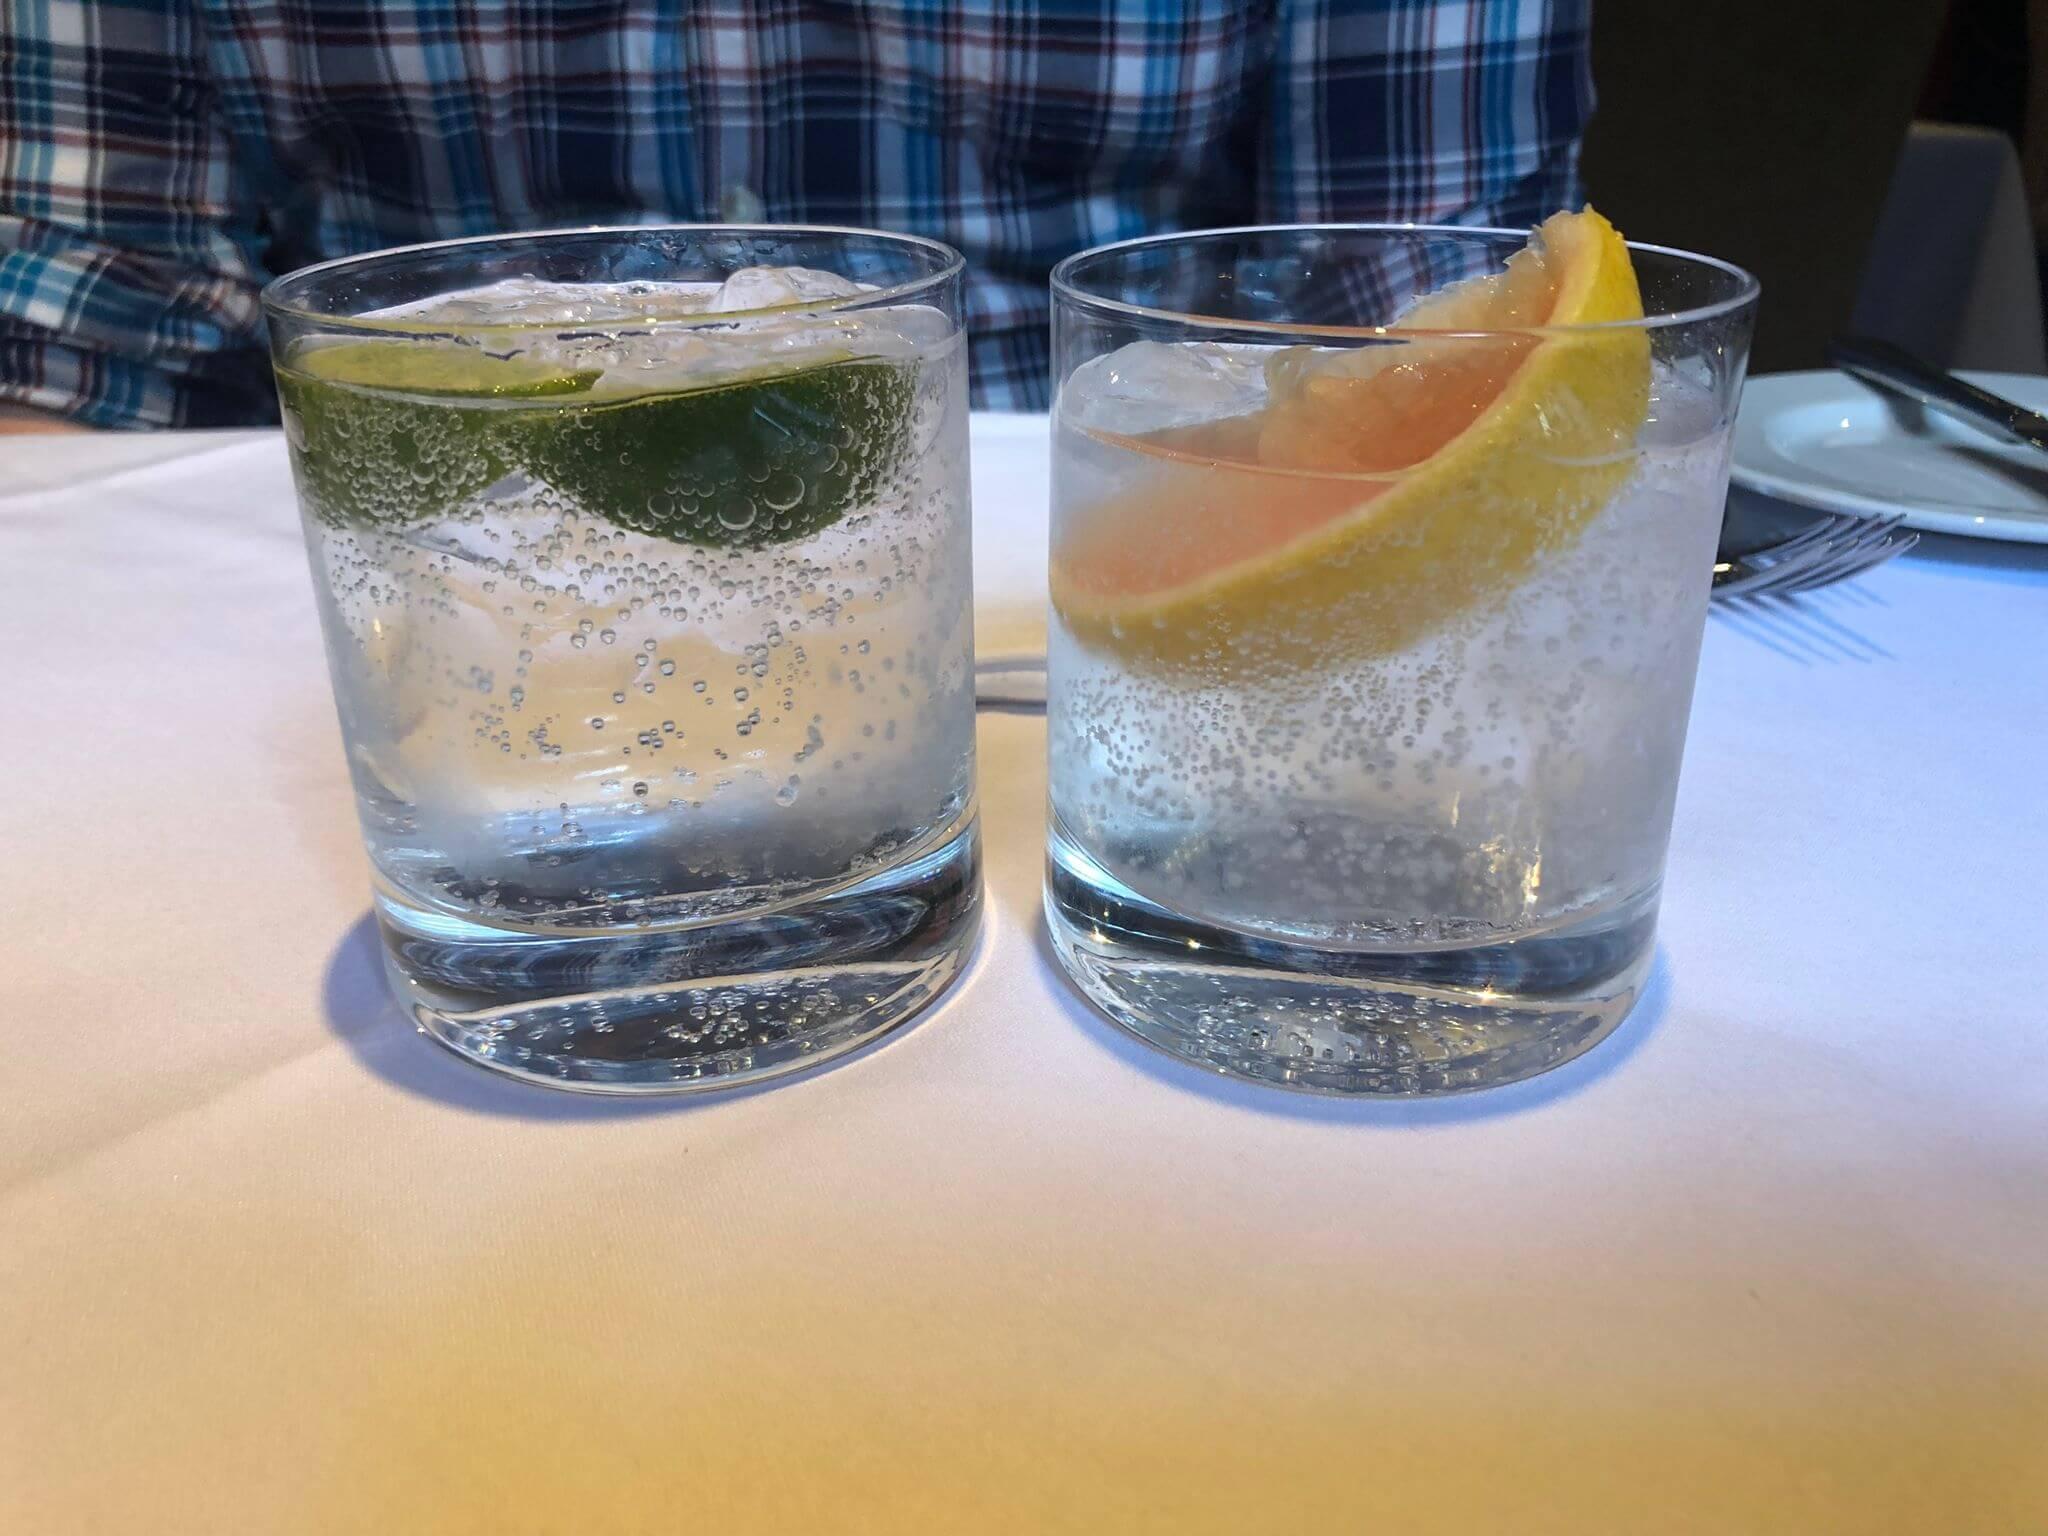 stockbridge restaurant - gin